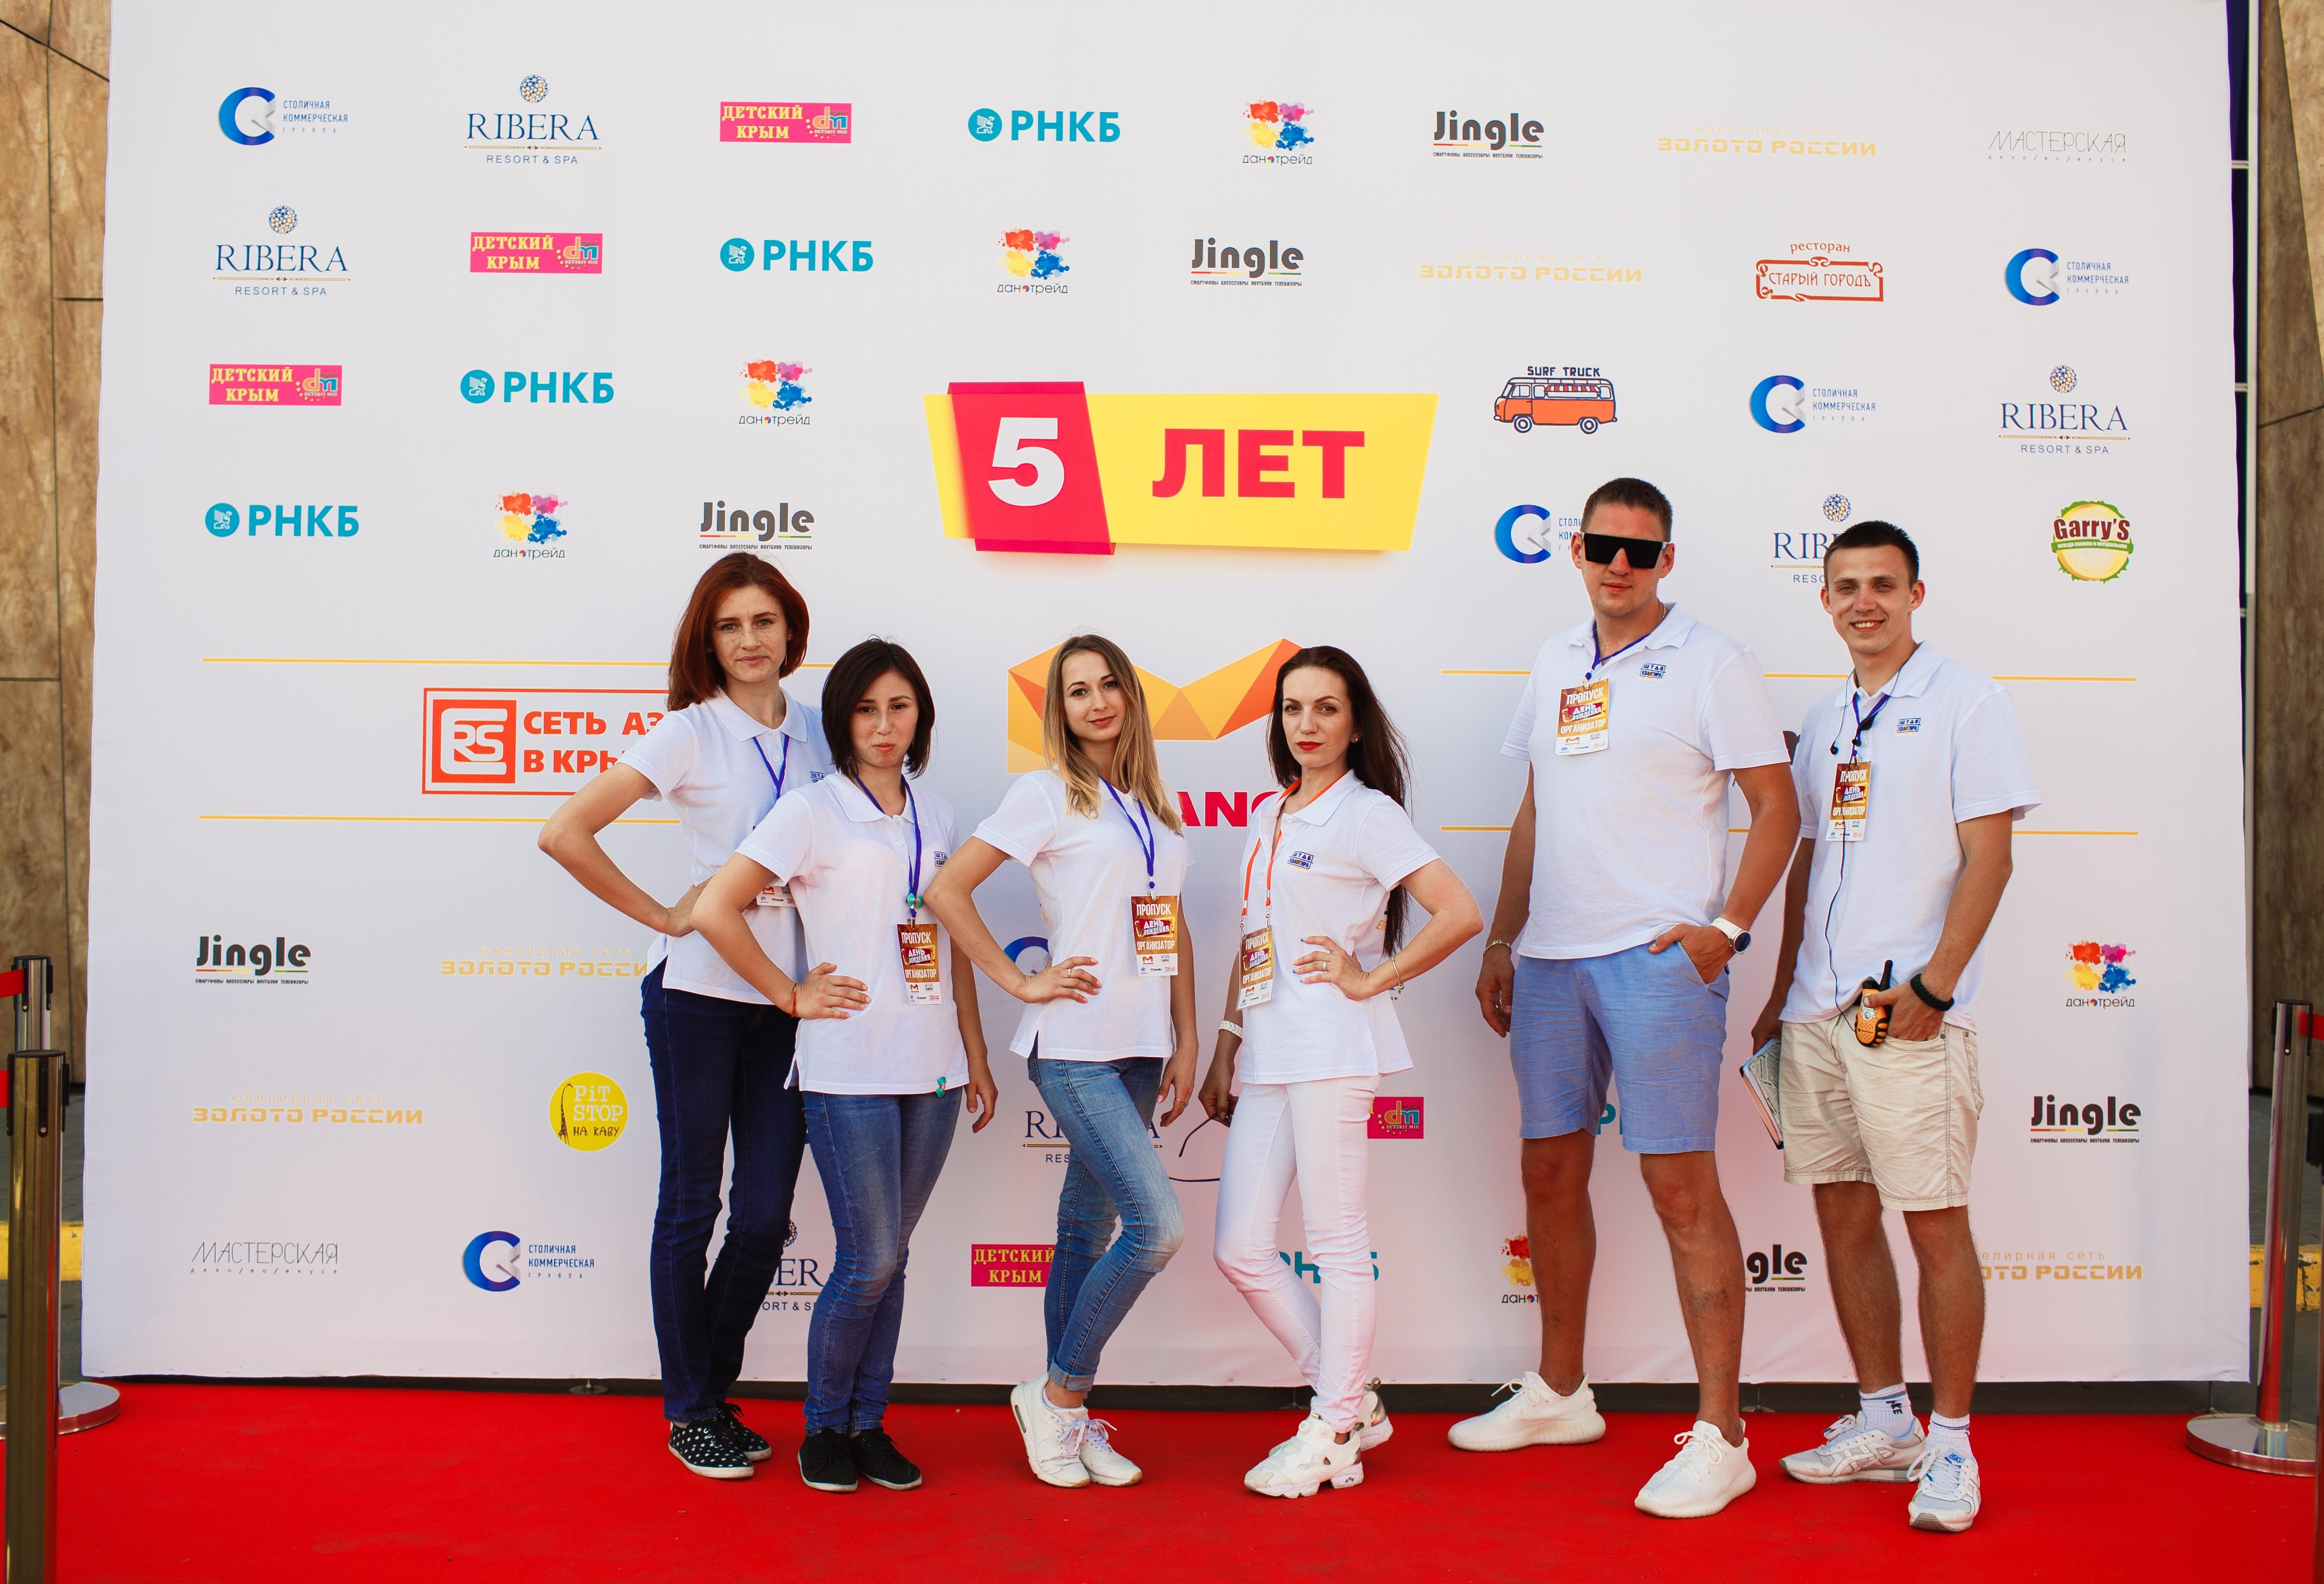 Сотрудники рекламного агенства «Штаб-квартира»